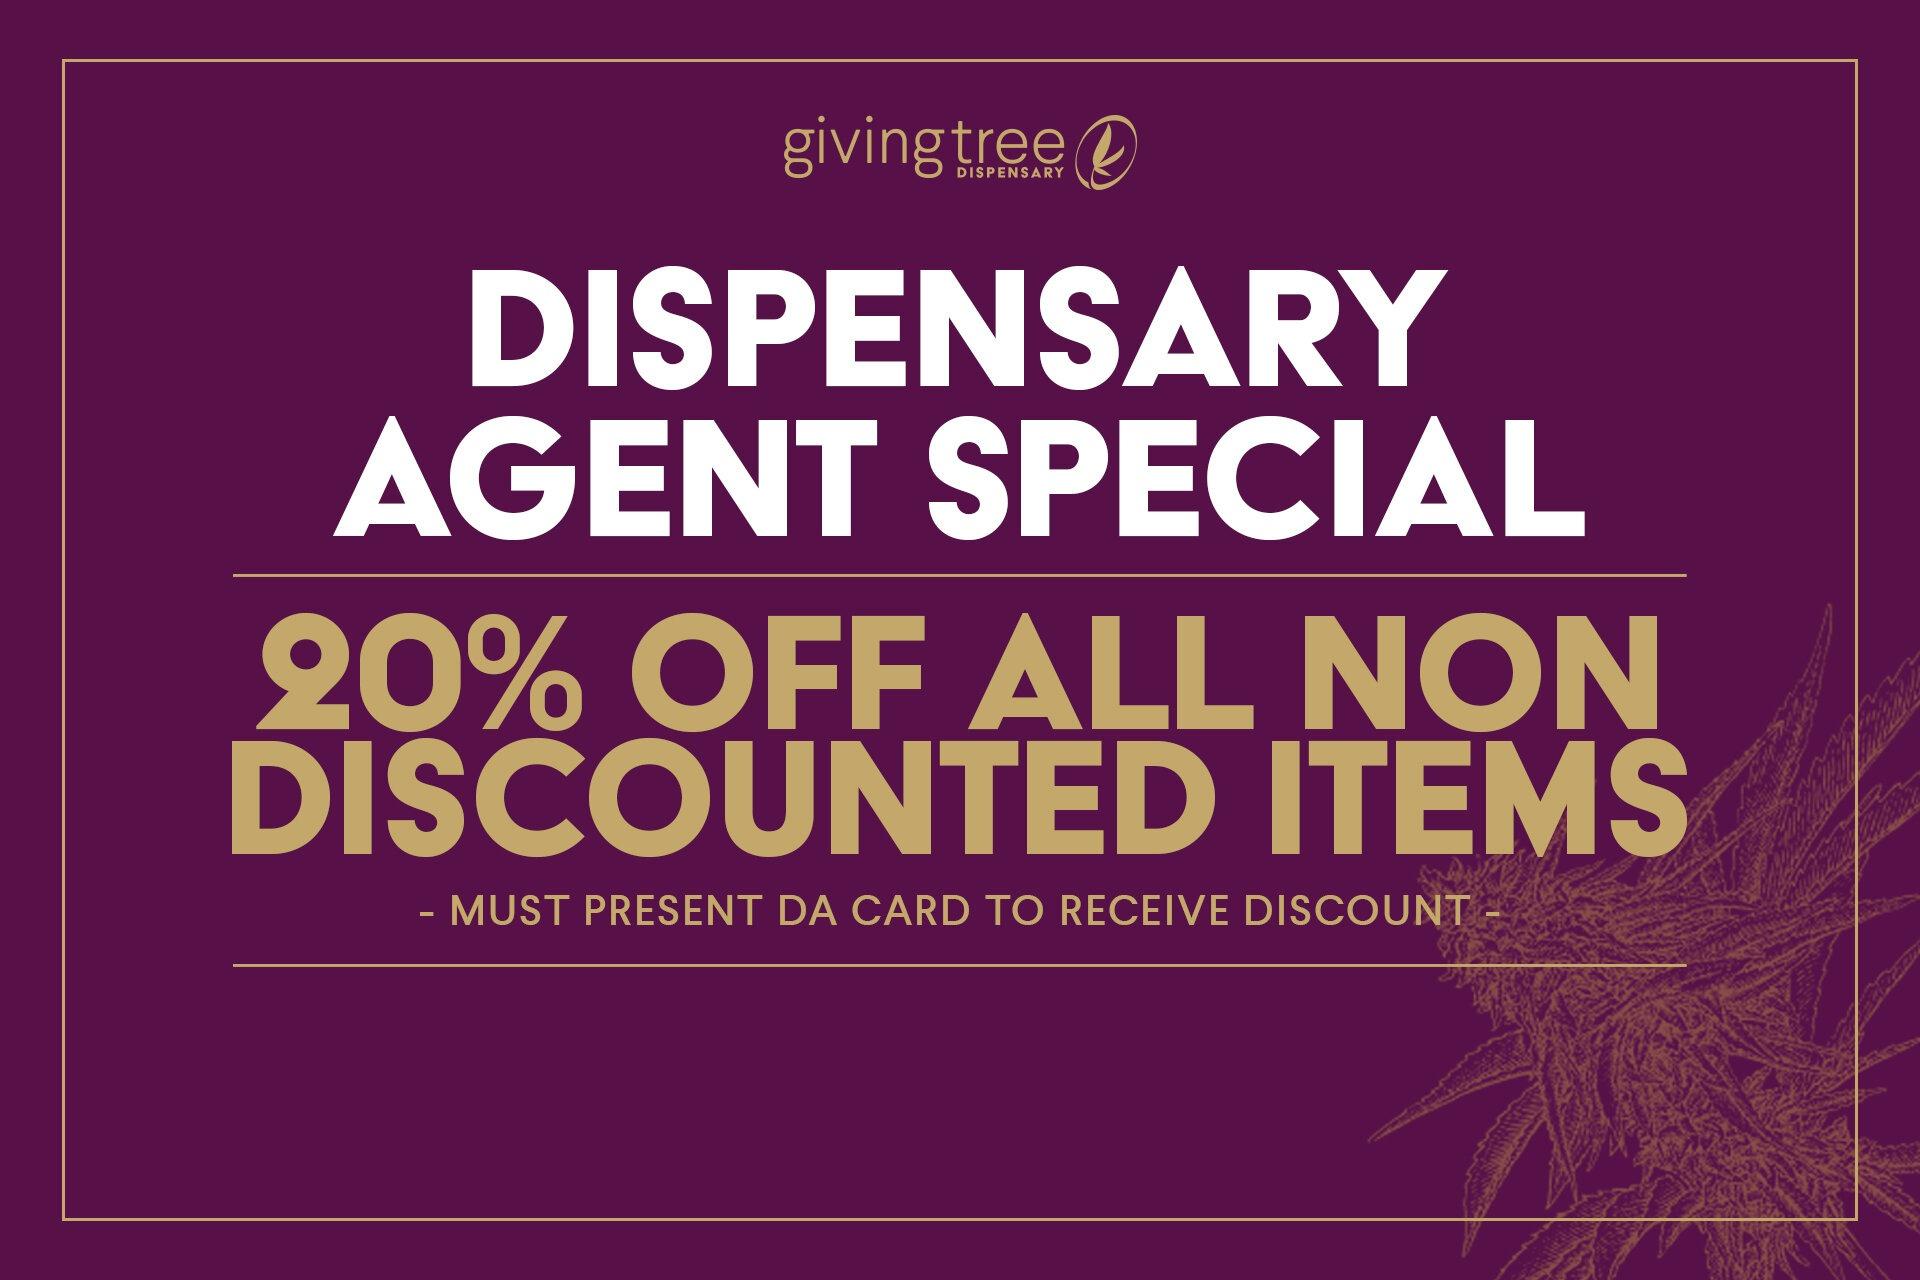 phoenix dispensary agent special givingtreedispensary.com